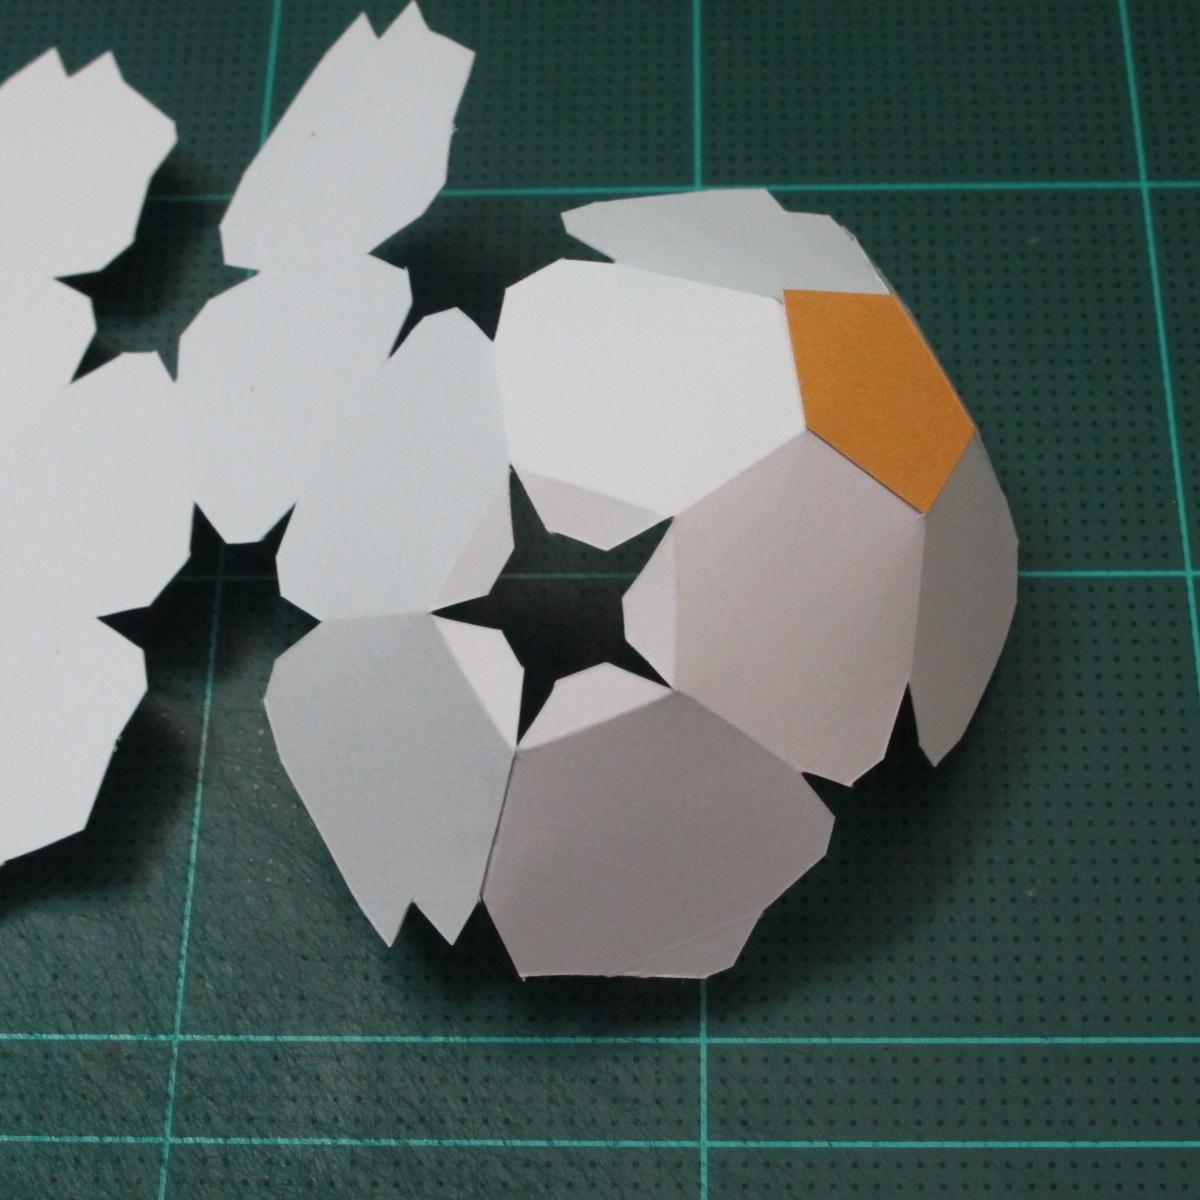 วิธีทำโมเดลกระดาษหมีบราวน์ชุดบอลโลก 2014 ทีมบราซิล (LINE Brown Bear in FIFA World Cup 2014 Brazil Jerseys Papercraft Model) 004